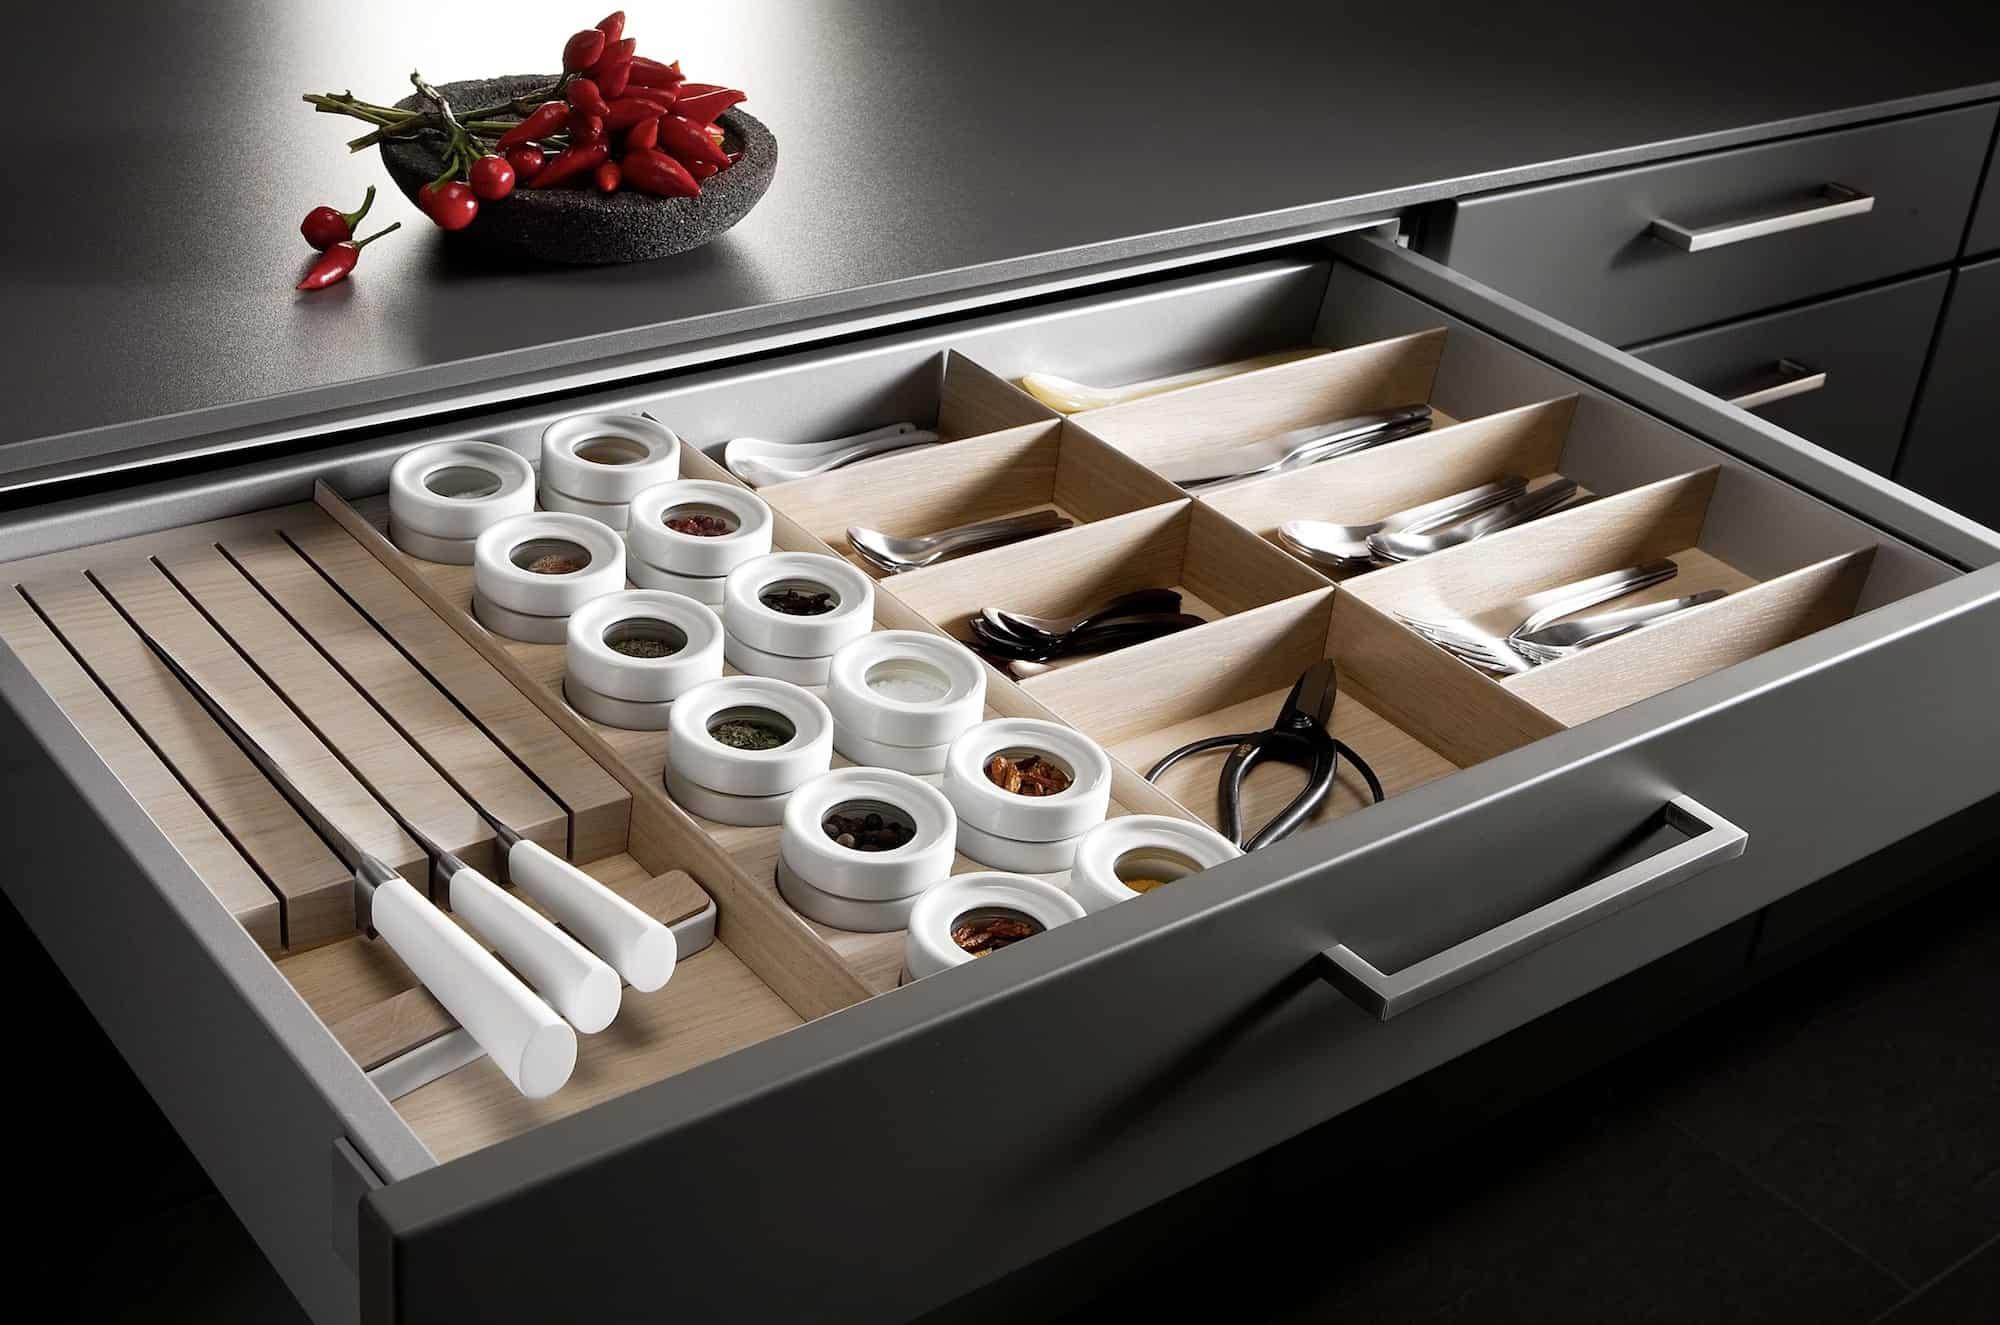 Credenza Da Cucina Traduzione : Cassetti scorrevoli cucina credenza da o soggiorno in legno